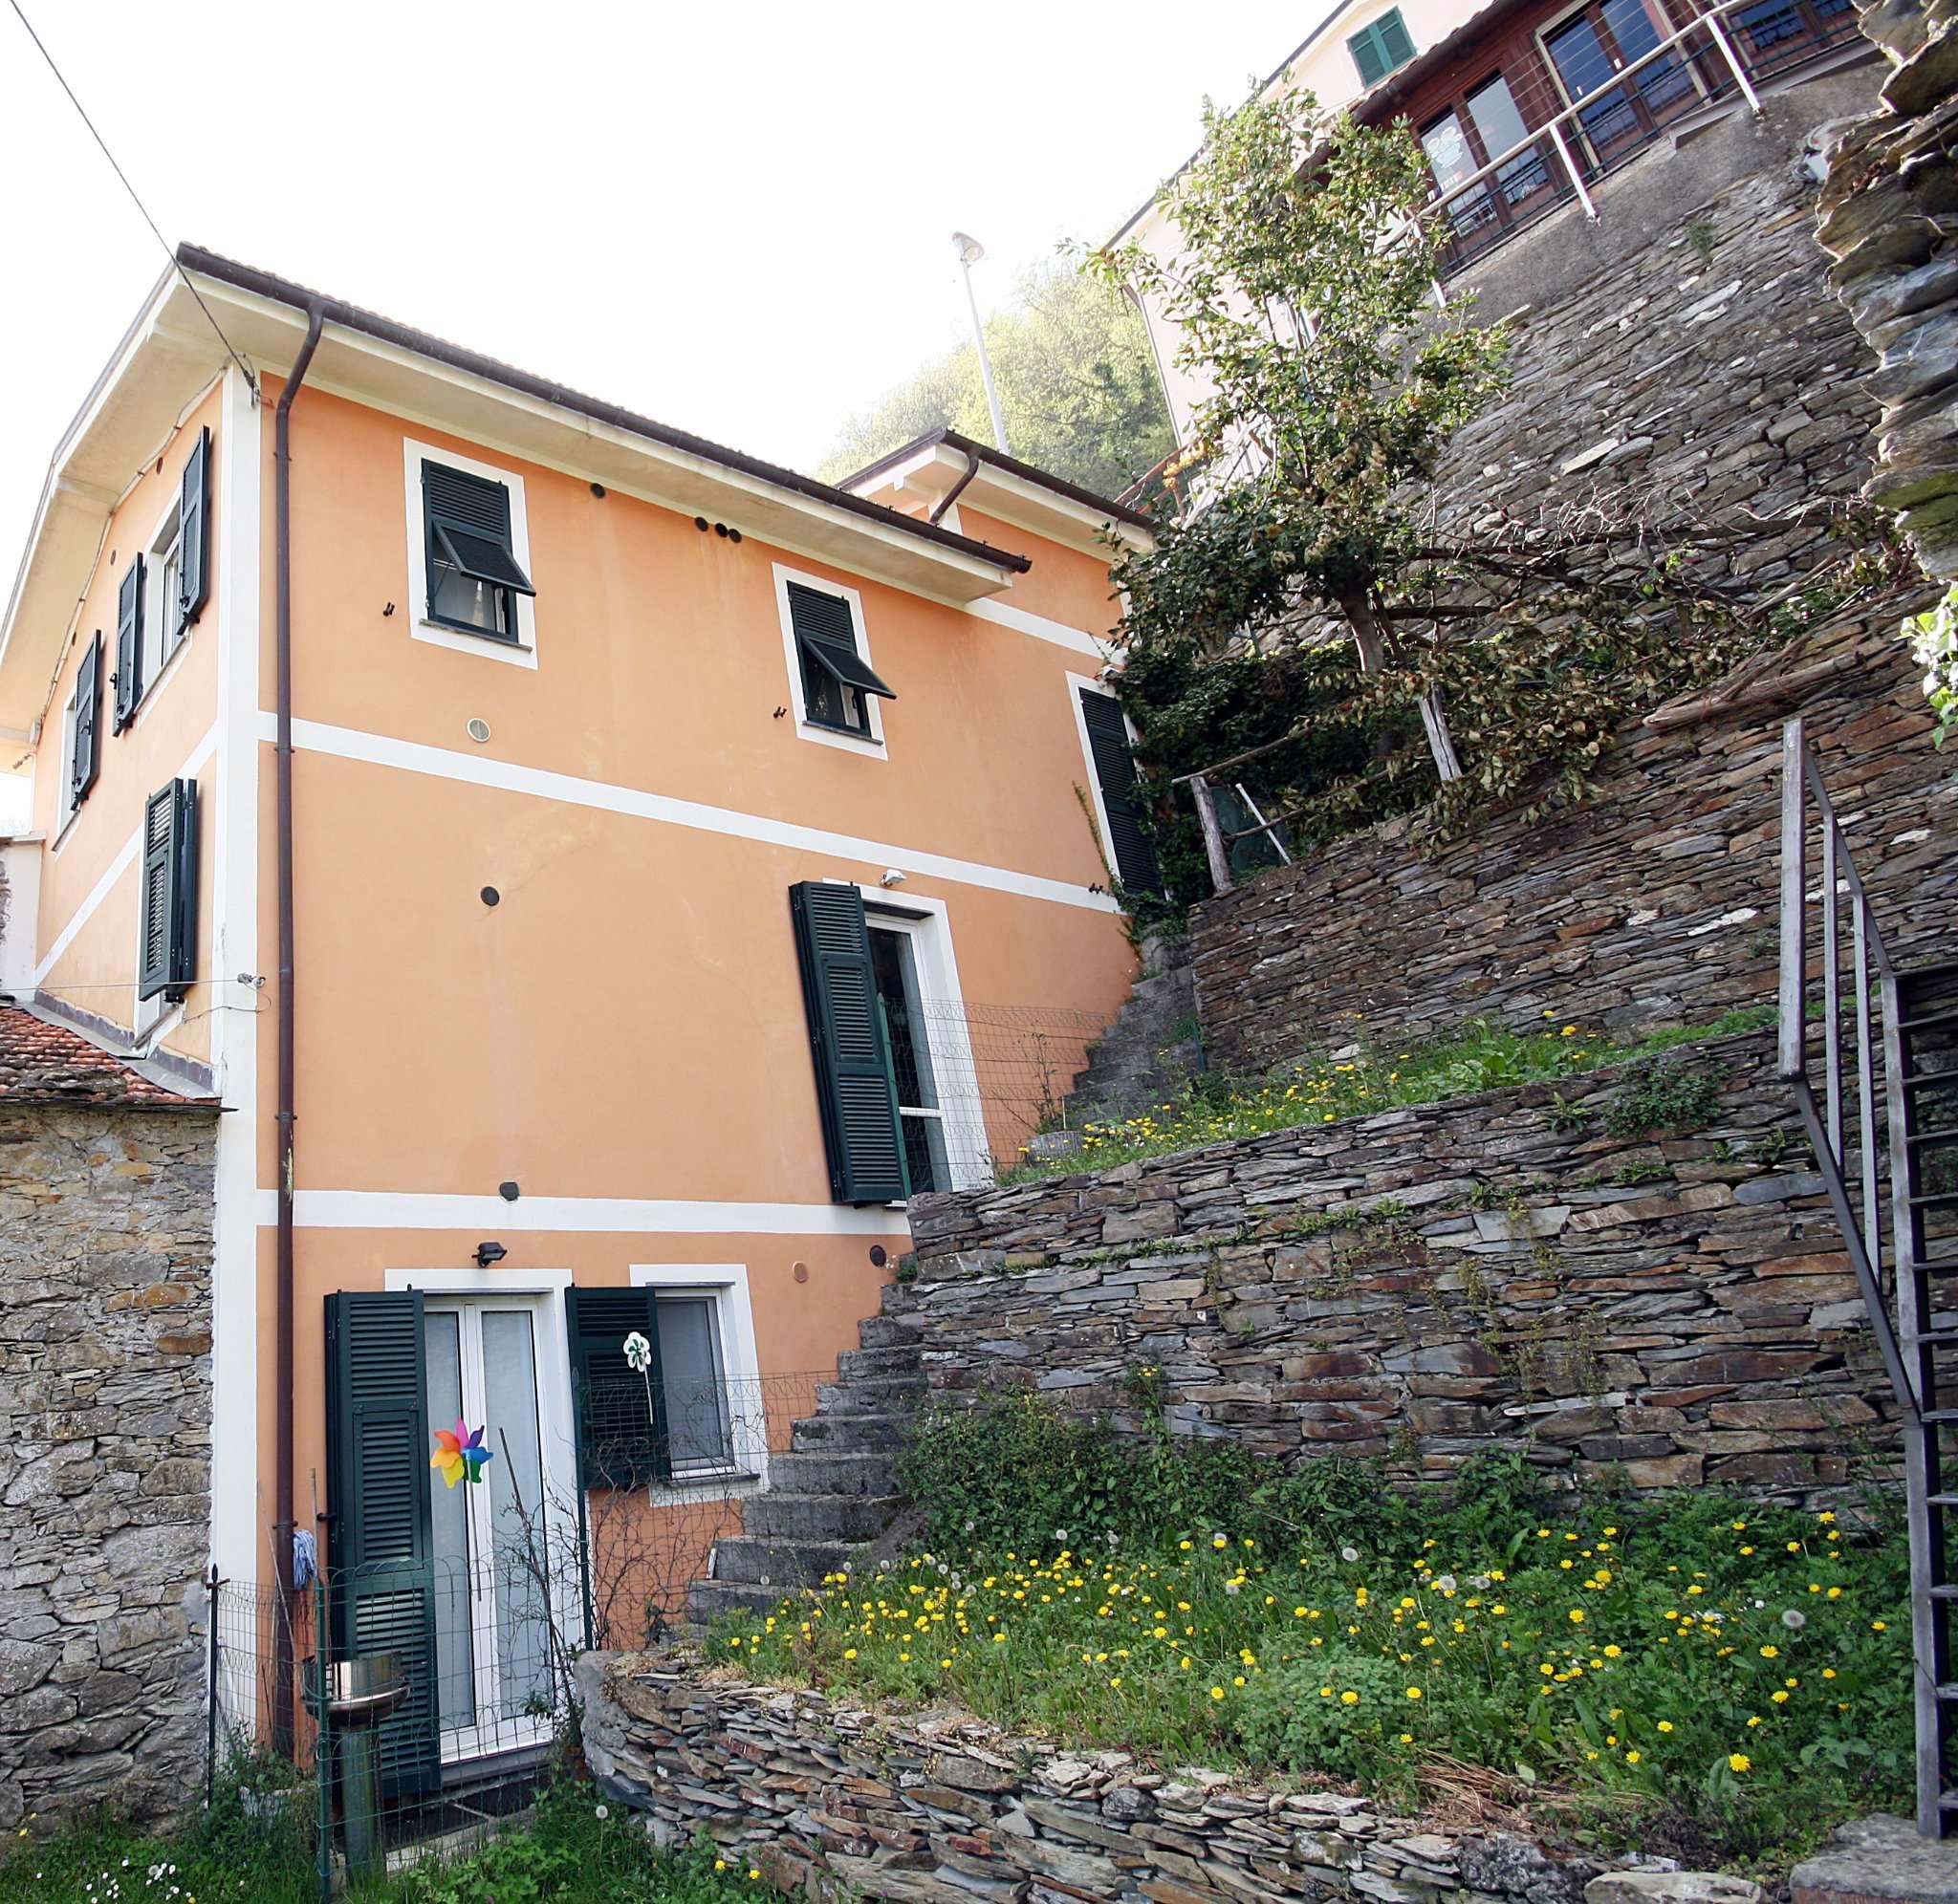 Soluzione Semindipendente in vendita a San Colombano Certenoli, 4 locali, prezzo € 118.000 | Cambio Casa.it